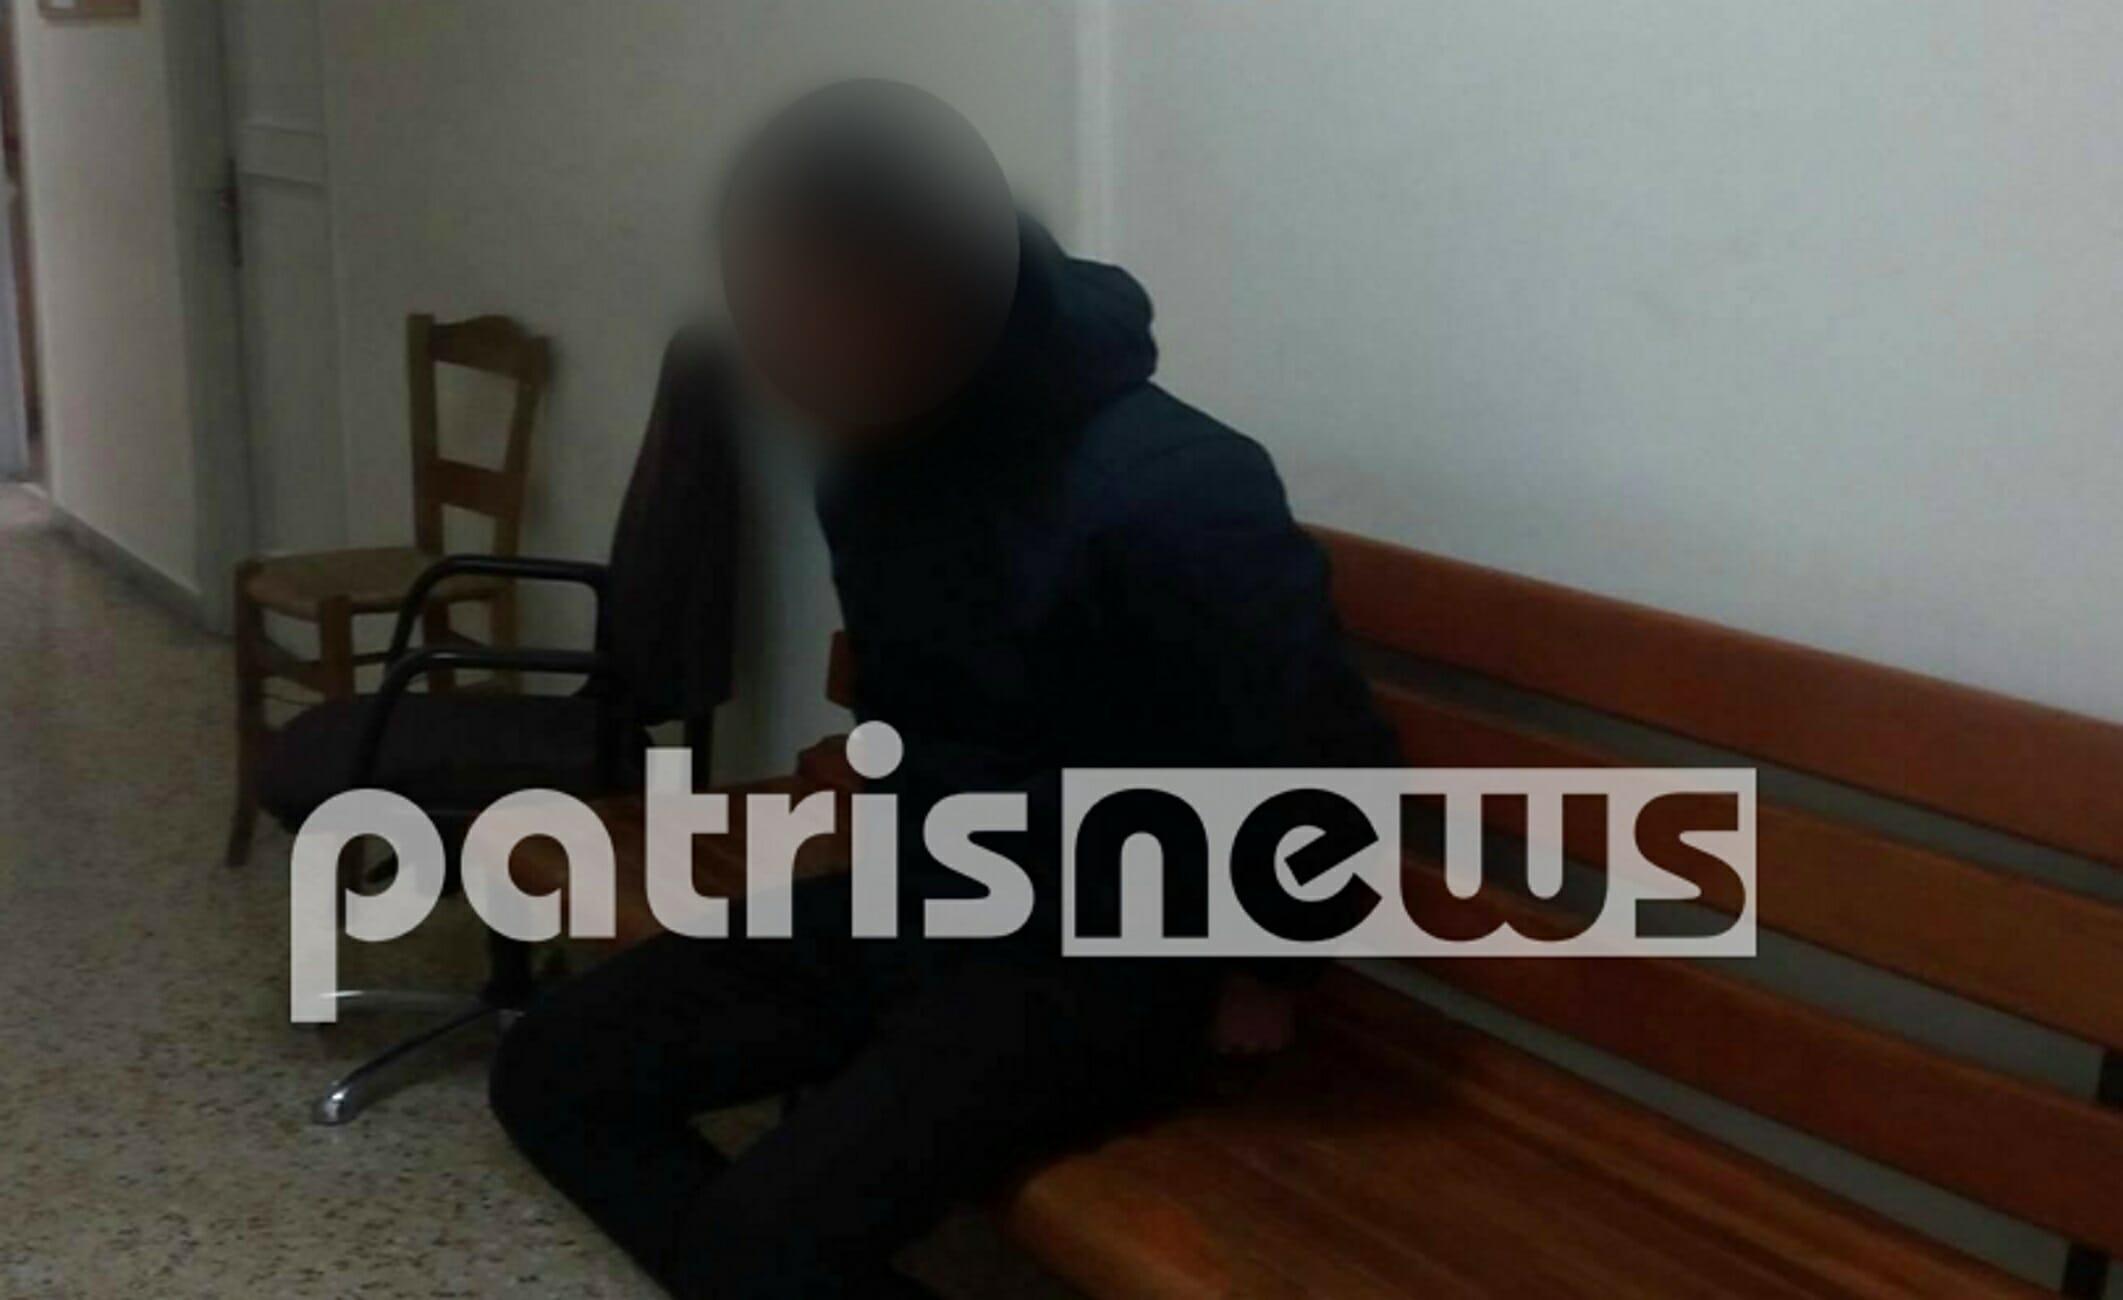 Νέα Μανωλάδα: Στον εισαγγελέα ο ληστής που βίασε την κόρη μπροστά στη μητέρα της (ΒΙΝΤΕΟ – ΦΩΤΟ)